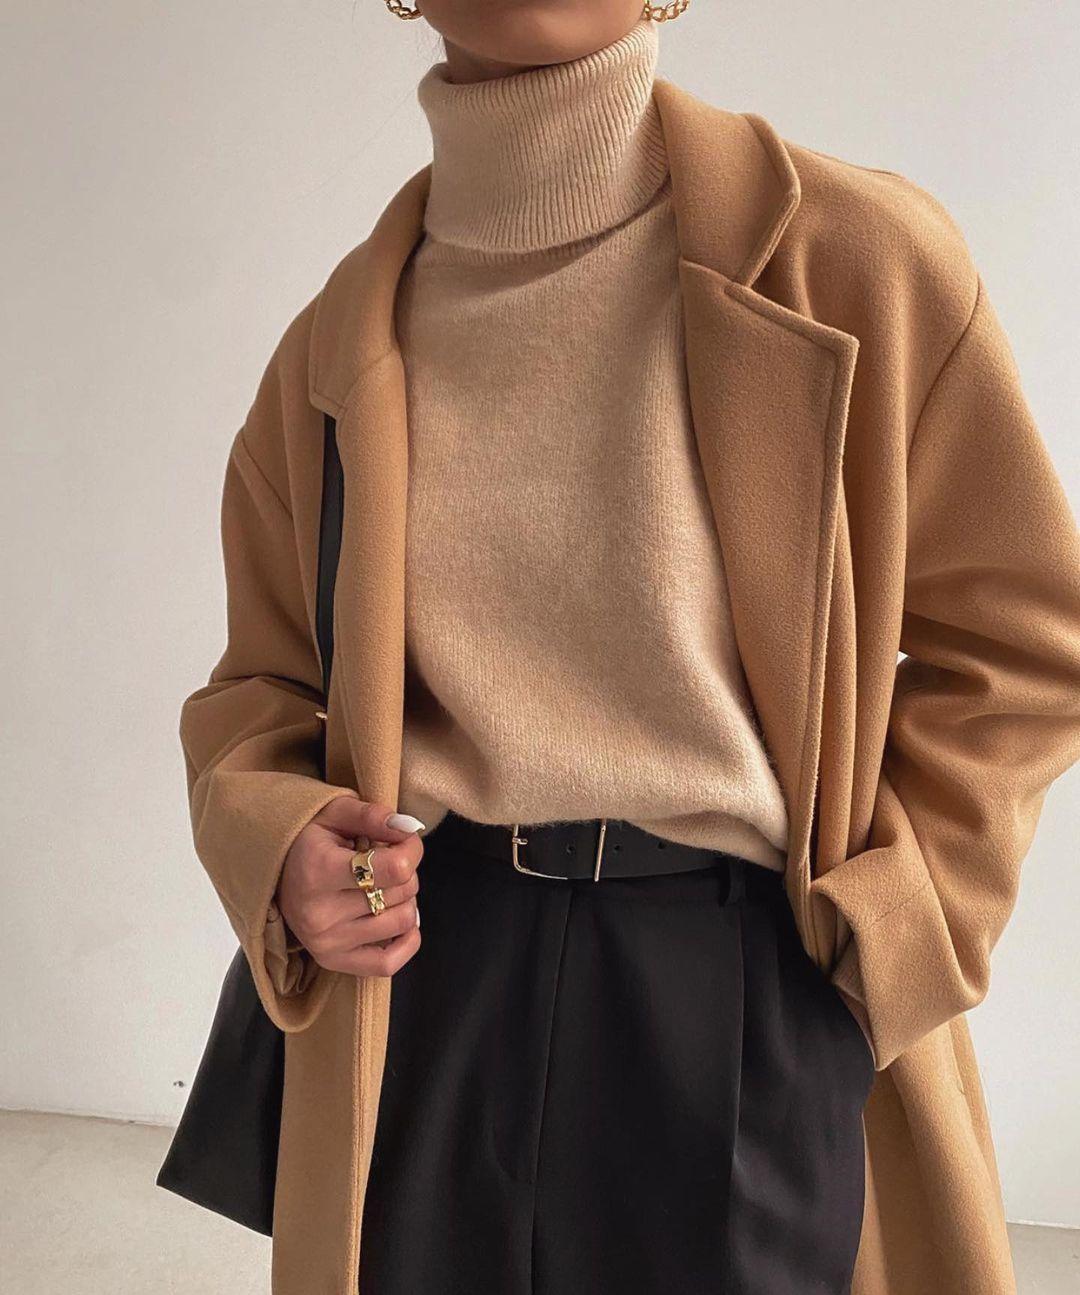 jersey de cuello alto mujer